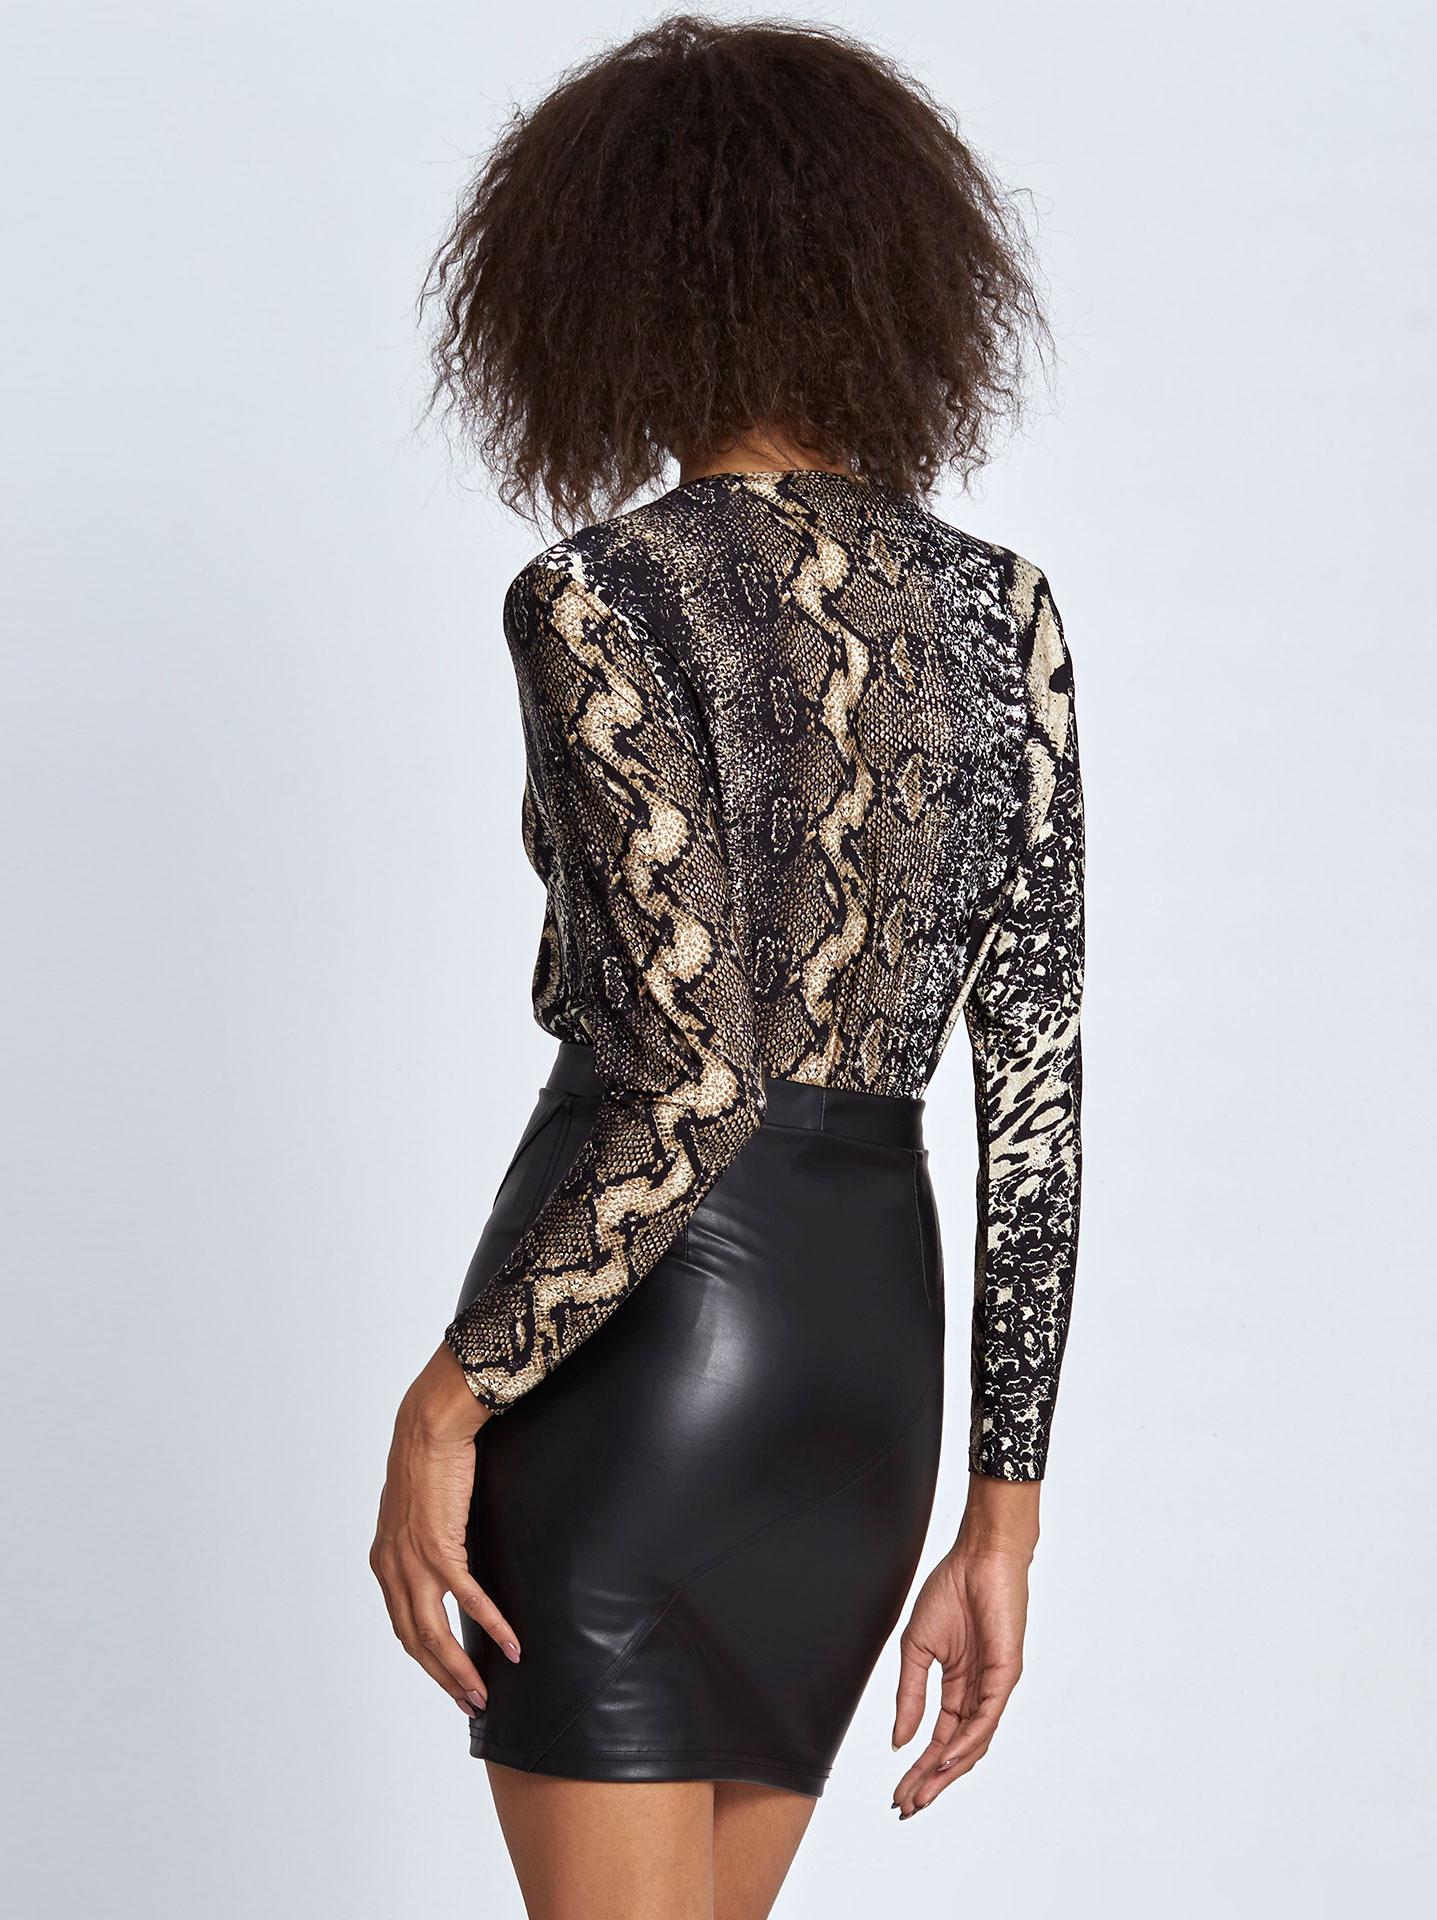 Στενή mini φούστα από δερματίνη σε μαυρο 972e51a673a